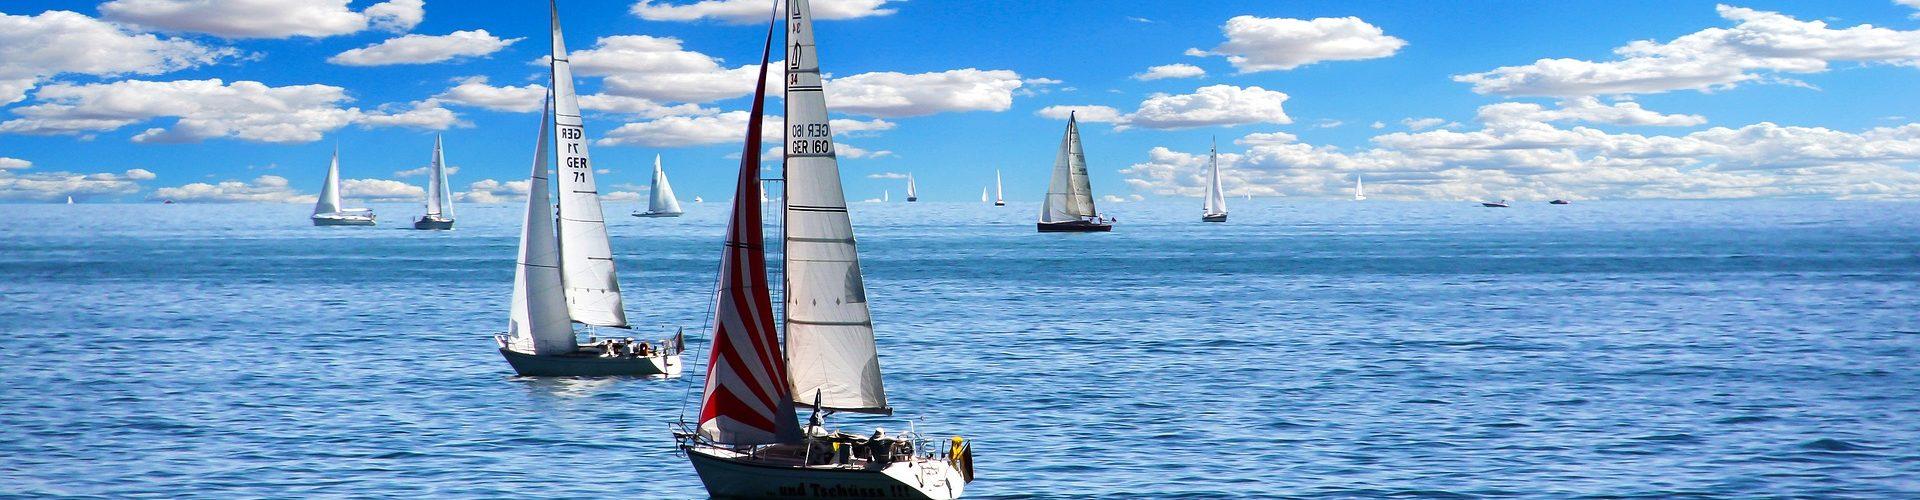 segeln lernen in Ihlow Barstede segelschein machen in Ihlow Barstede 1920x500 - Segeln lernen in Ihlow Barstede